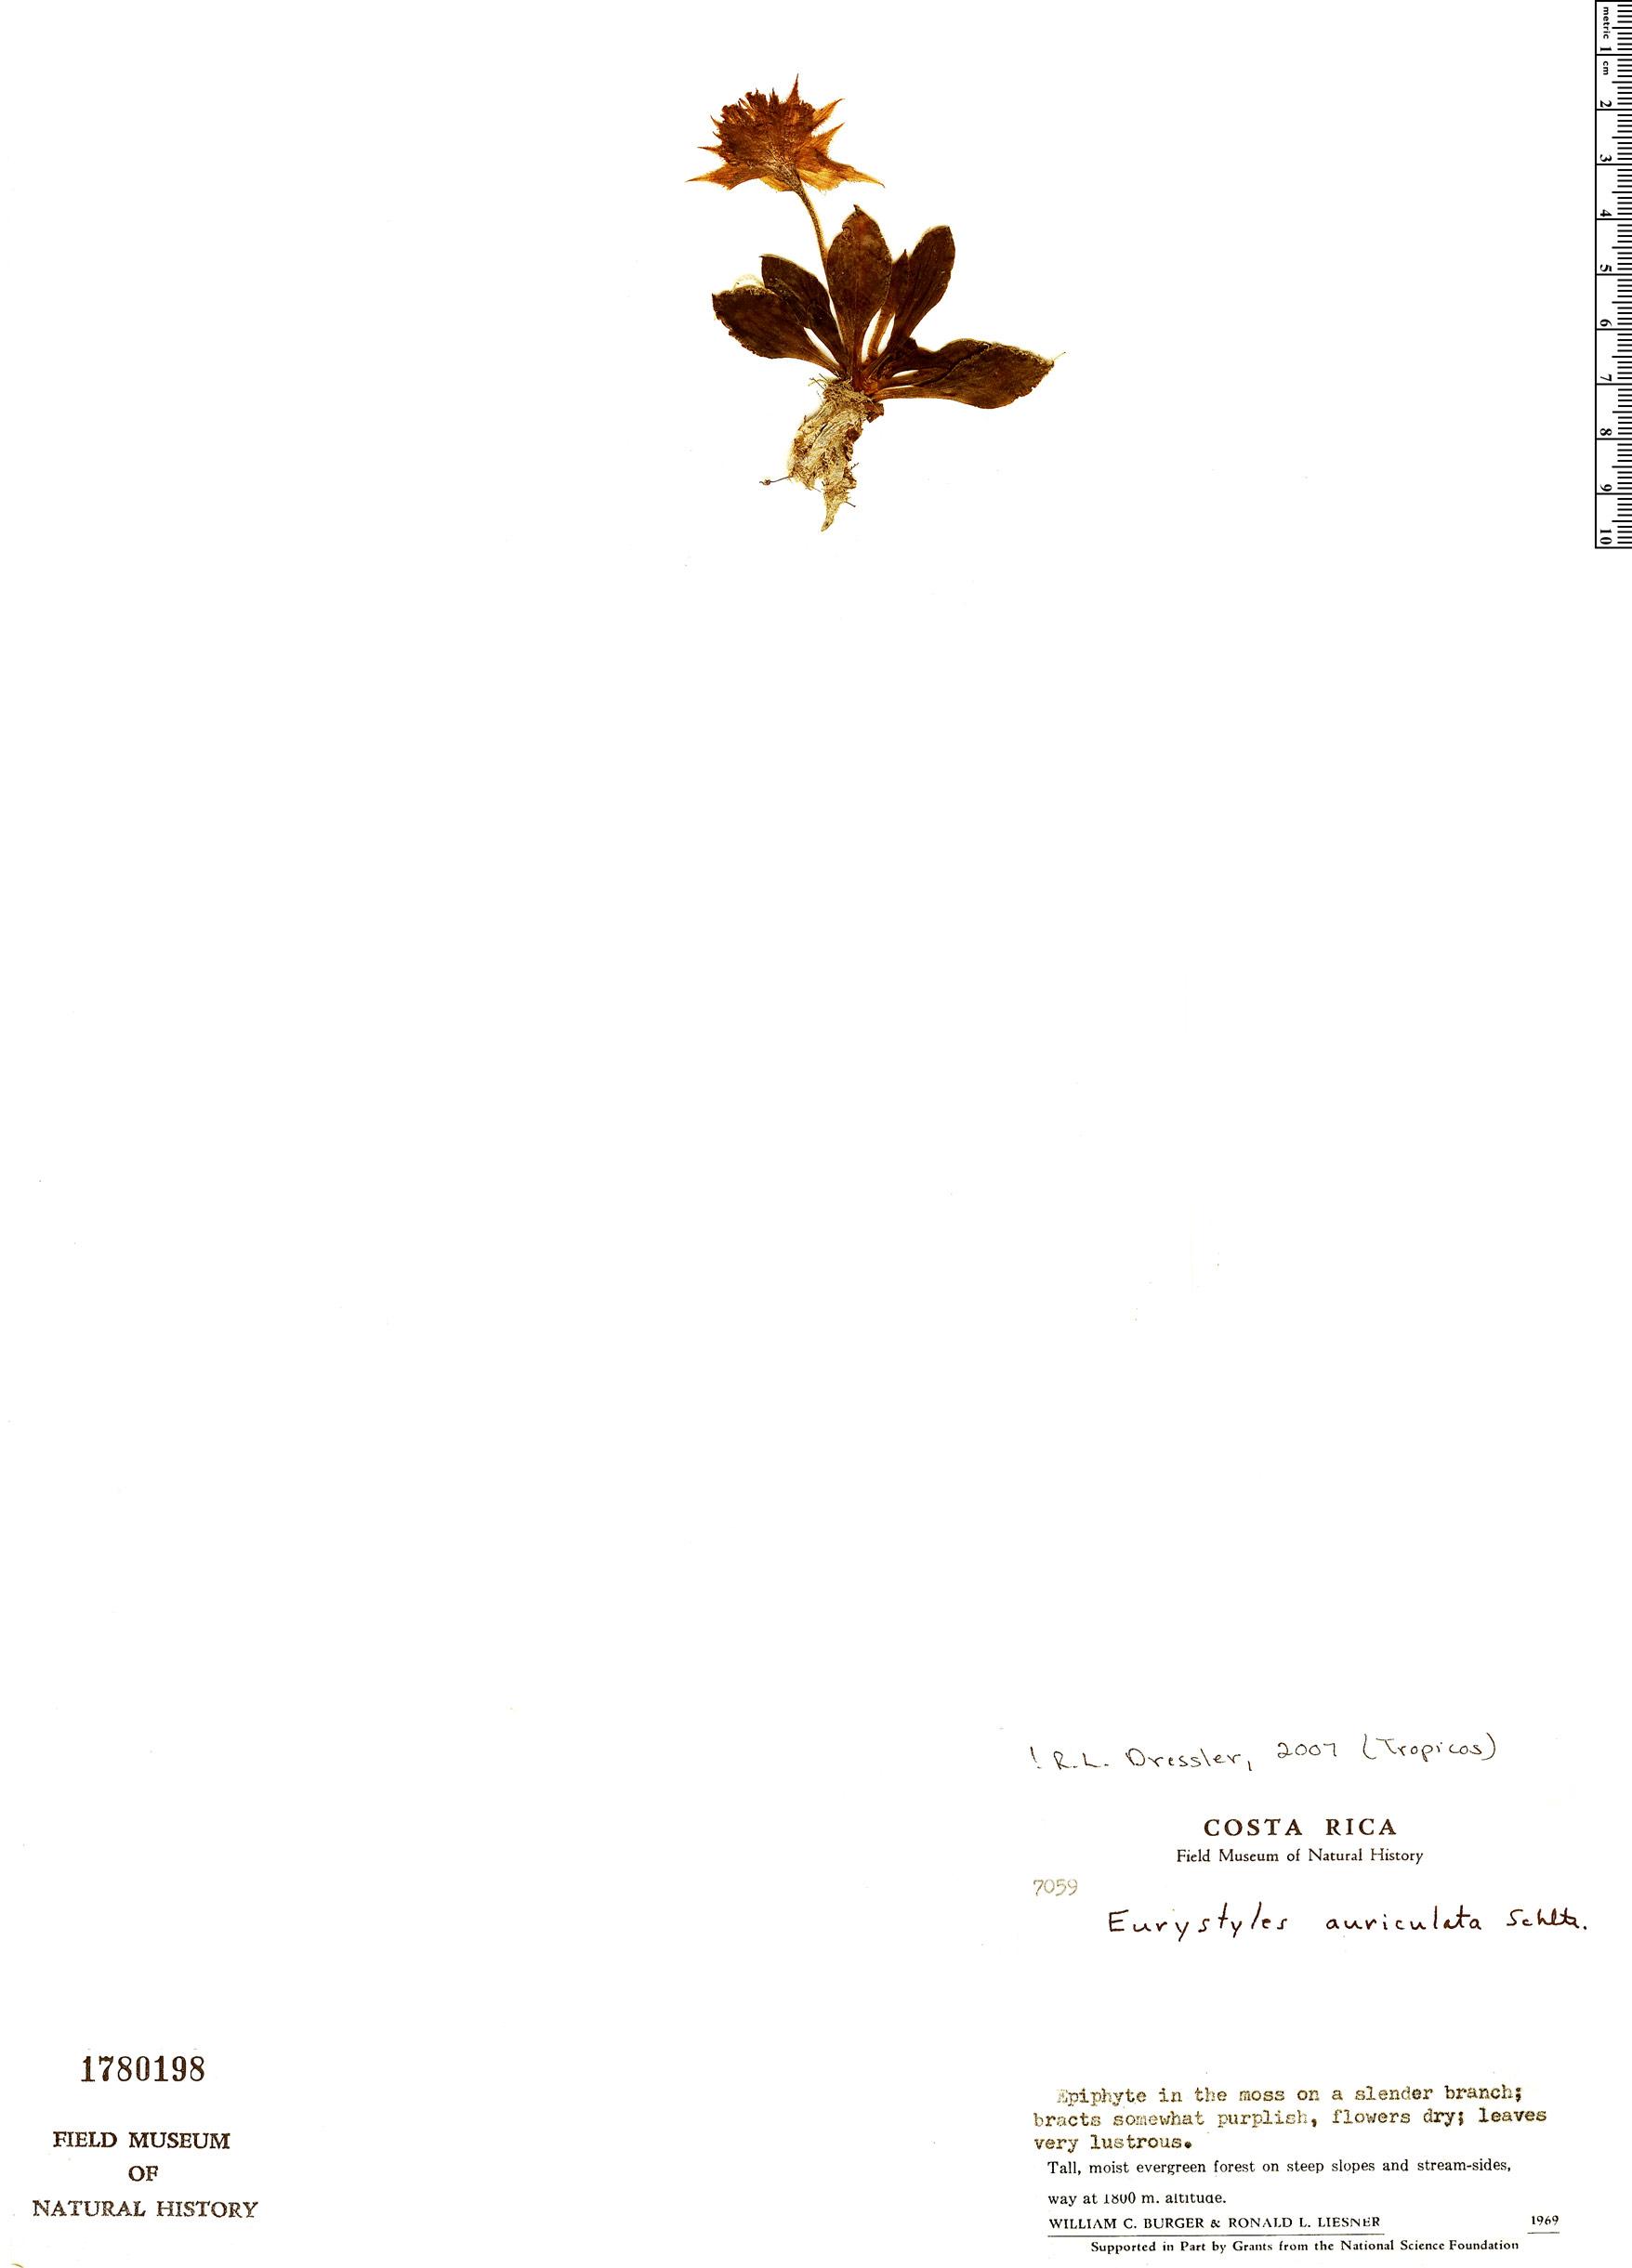 Specimen: Eurystyles auriculata